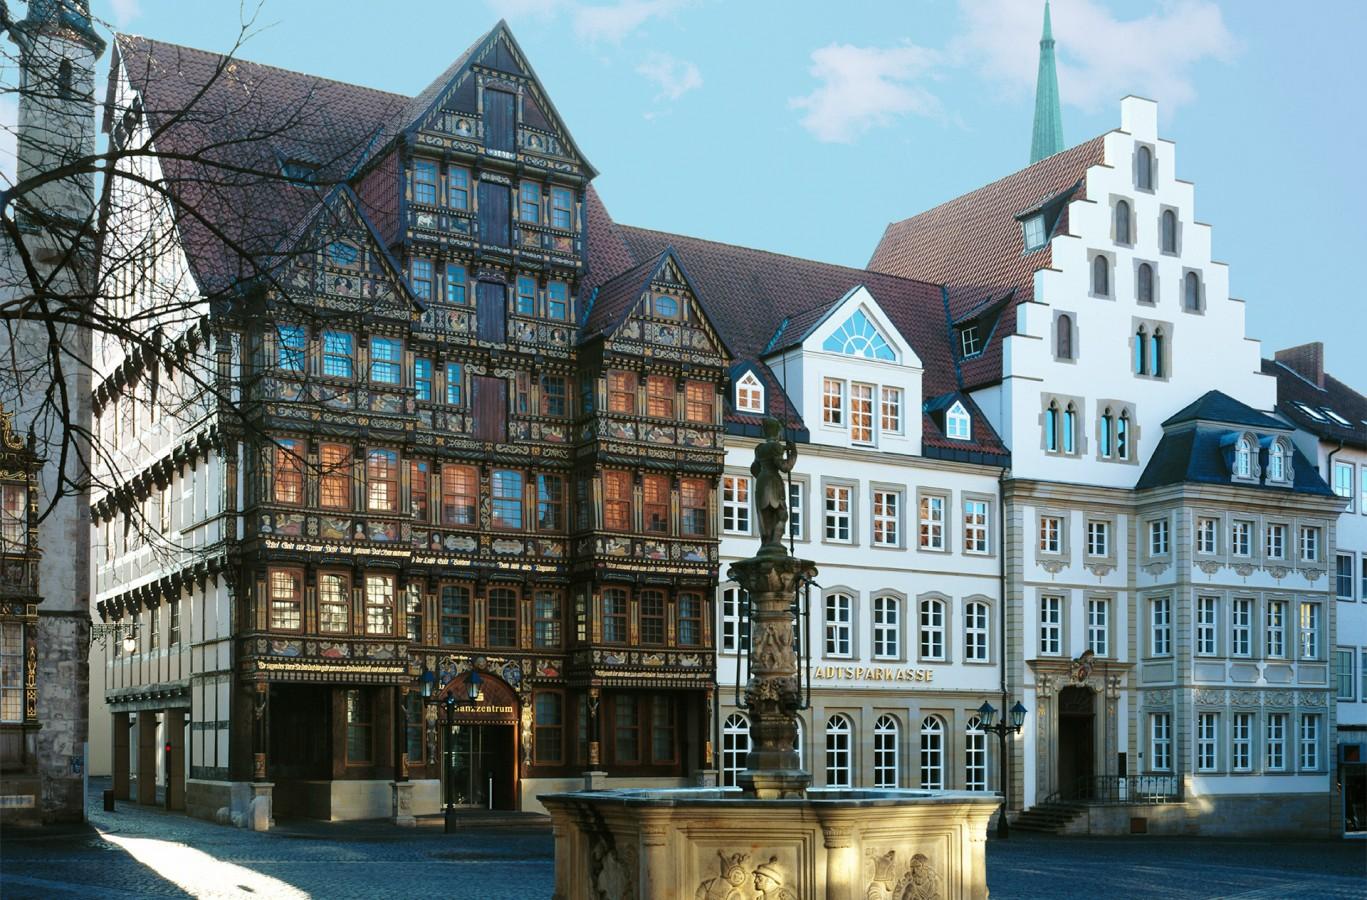 Architekten Hildesheim hauptstelle stadtsparkasse jung architekturbüro